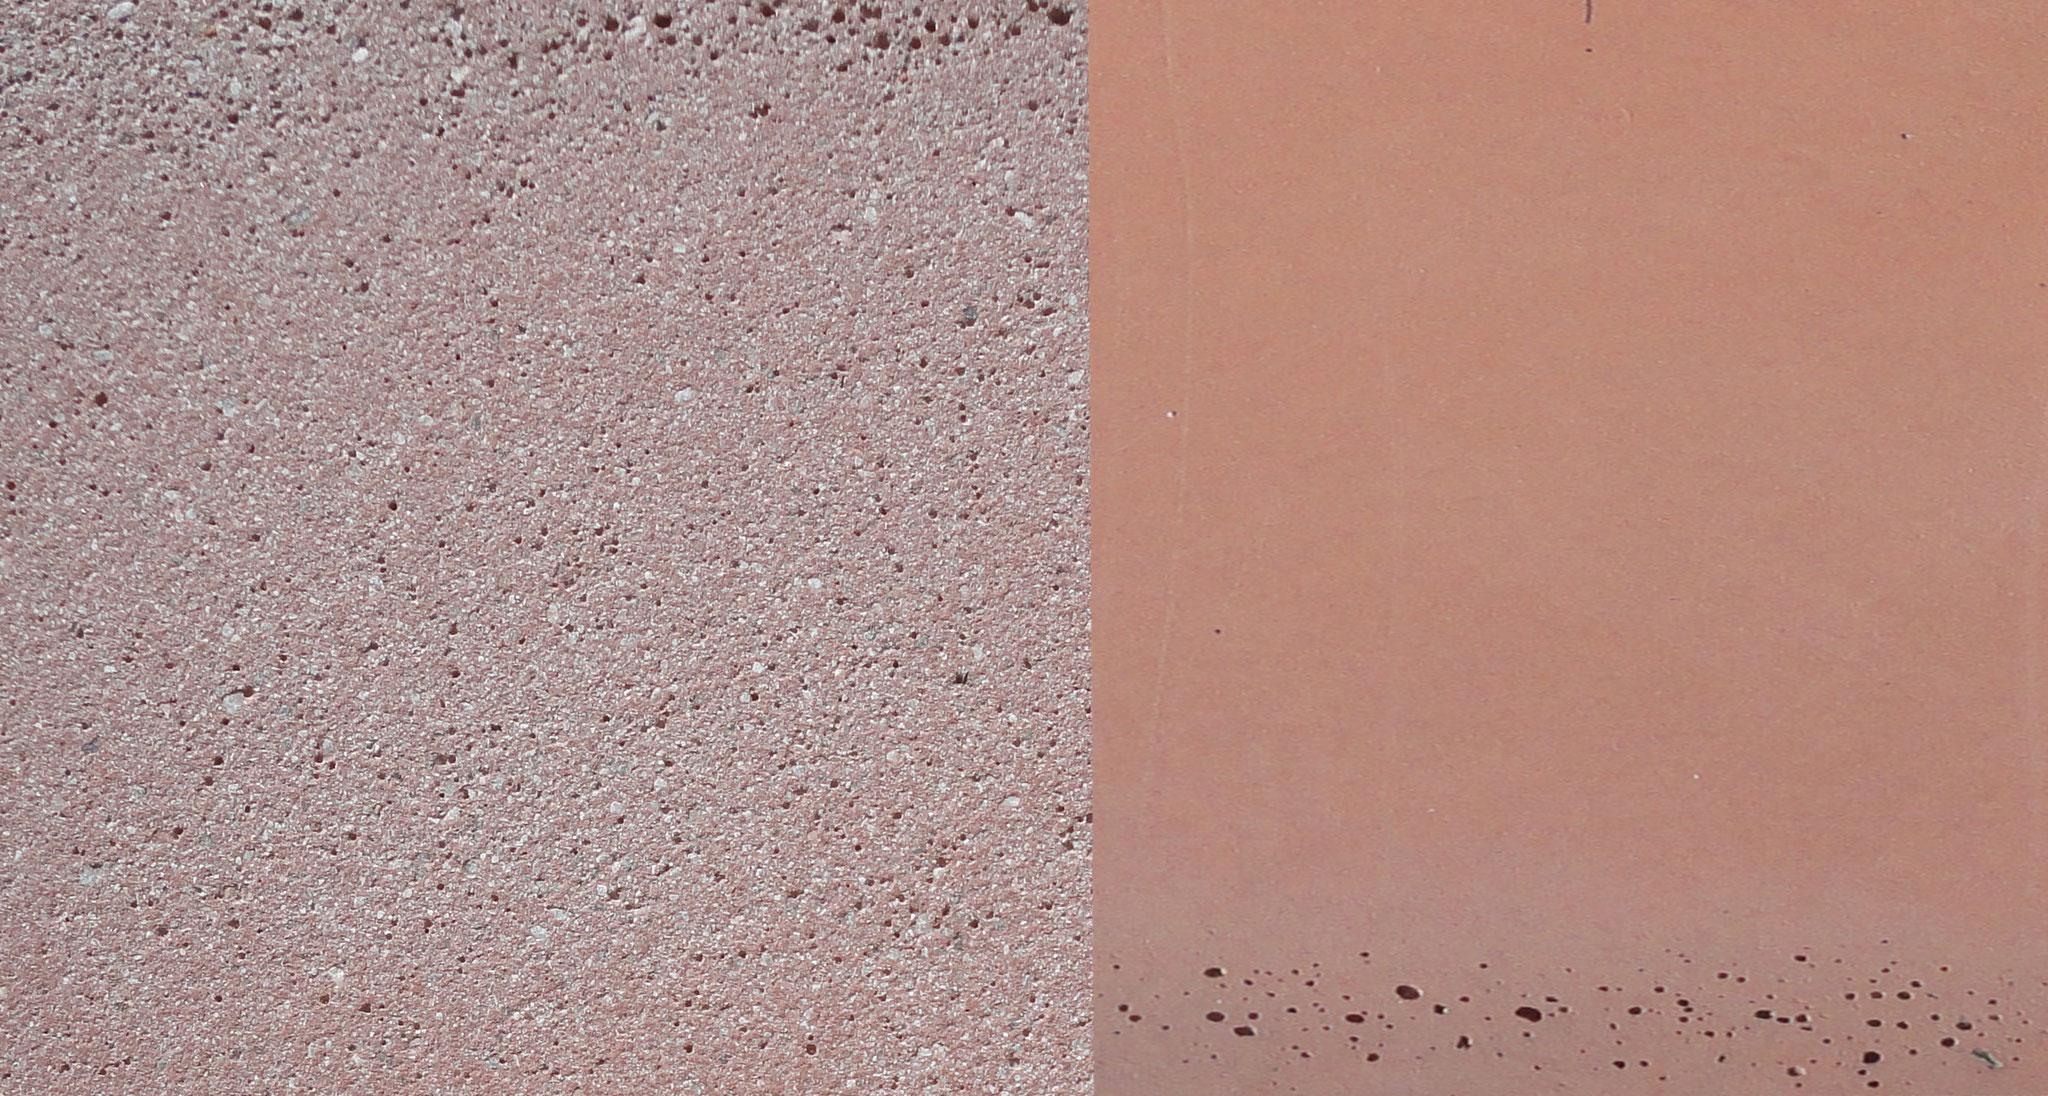 Farbe: indian red, Farbnummer: 9, sandgestrahlt/schalrein